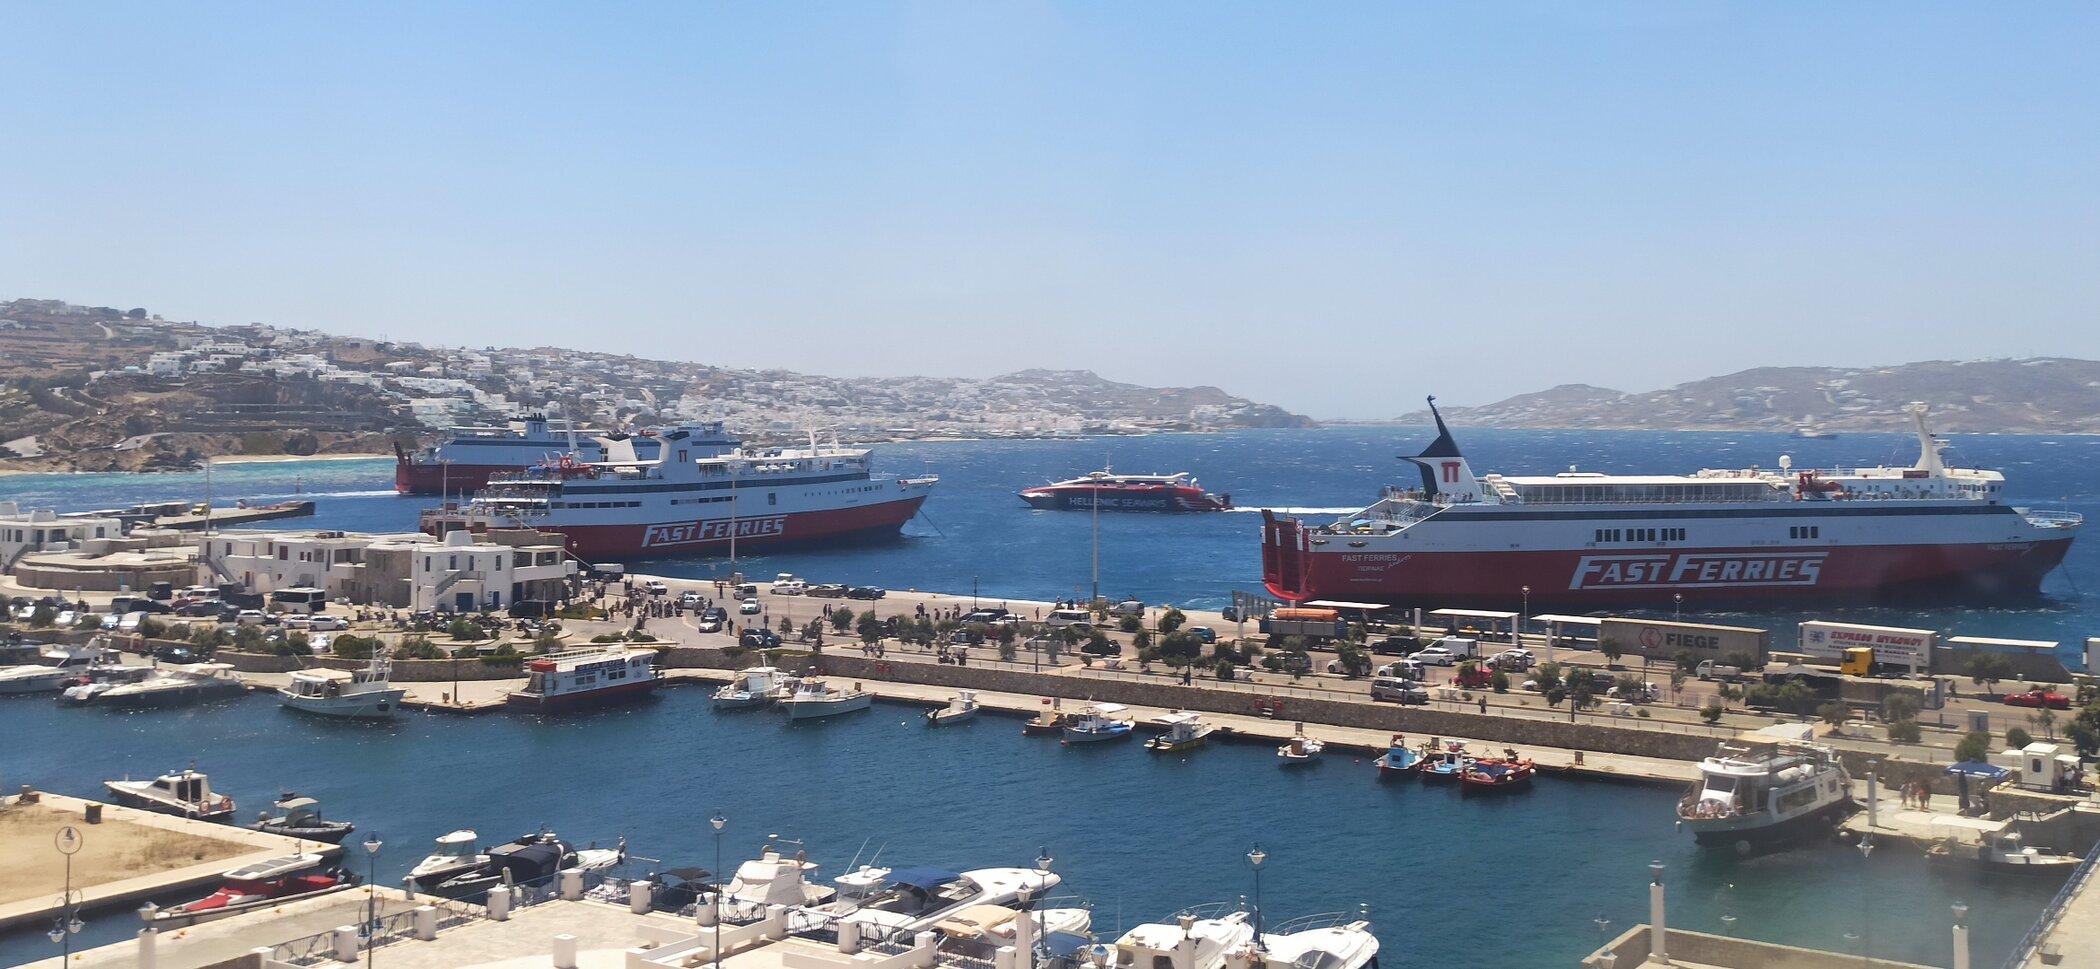 Fast Ferries Fleet